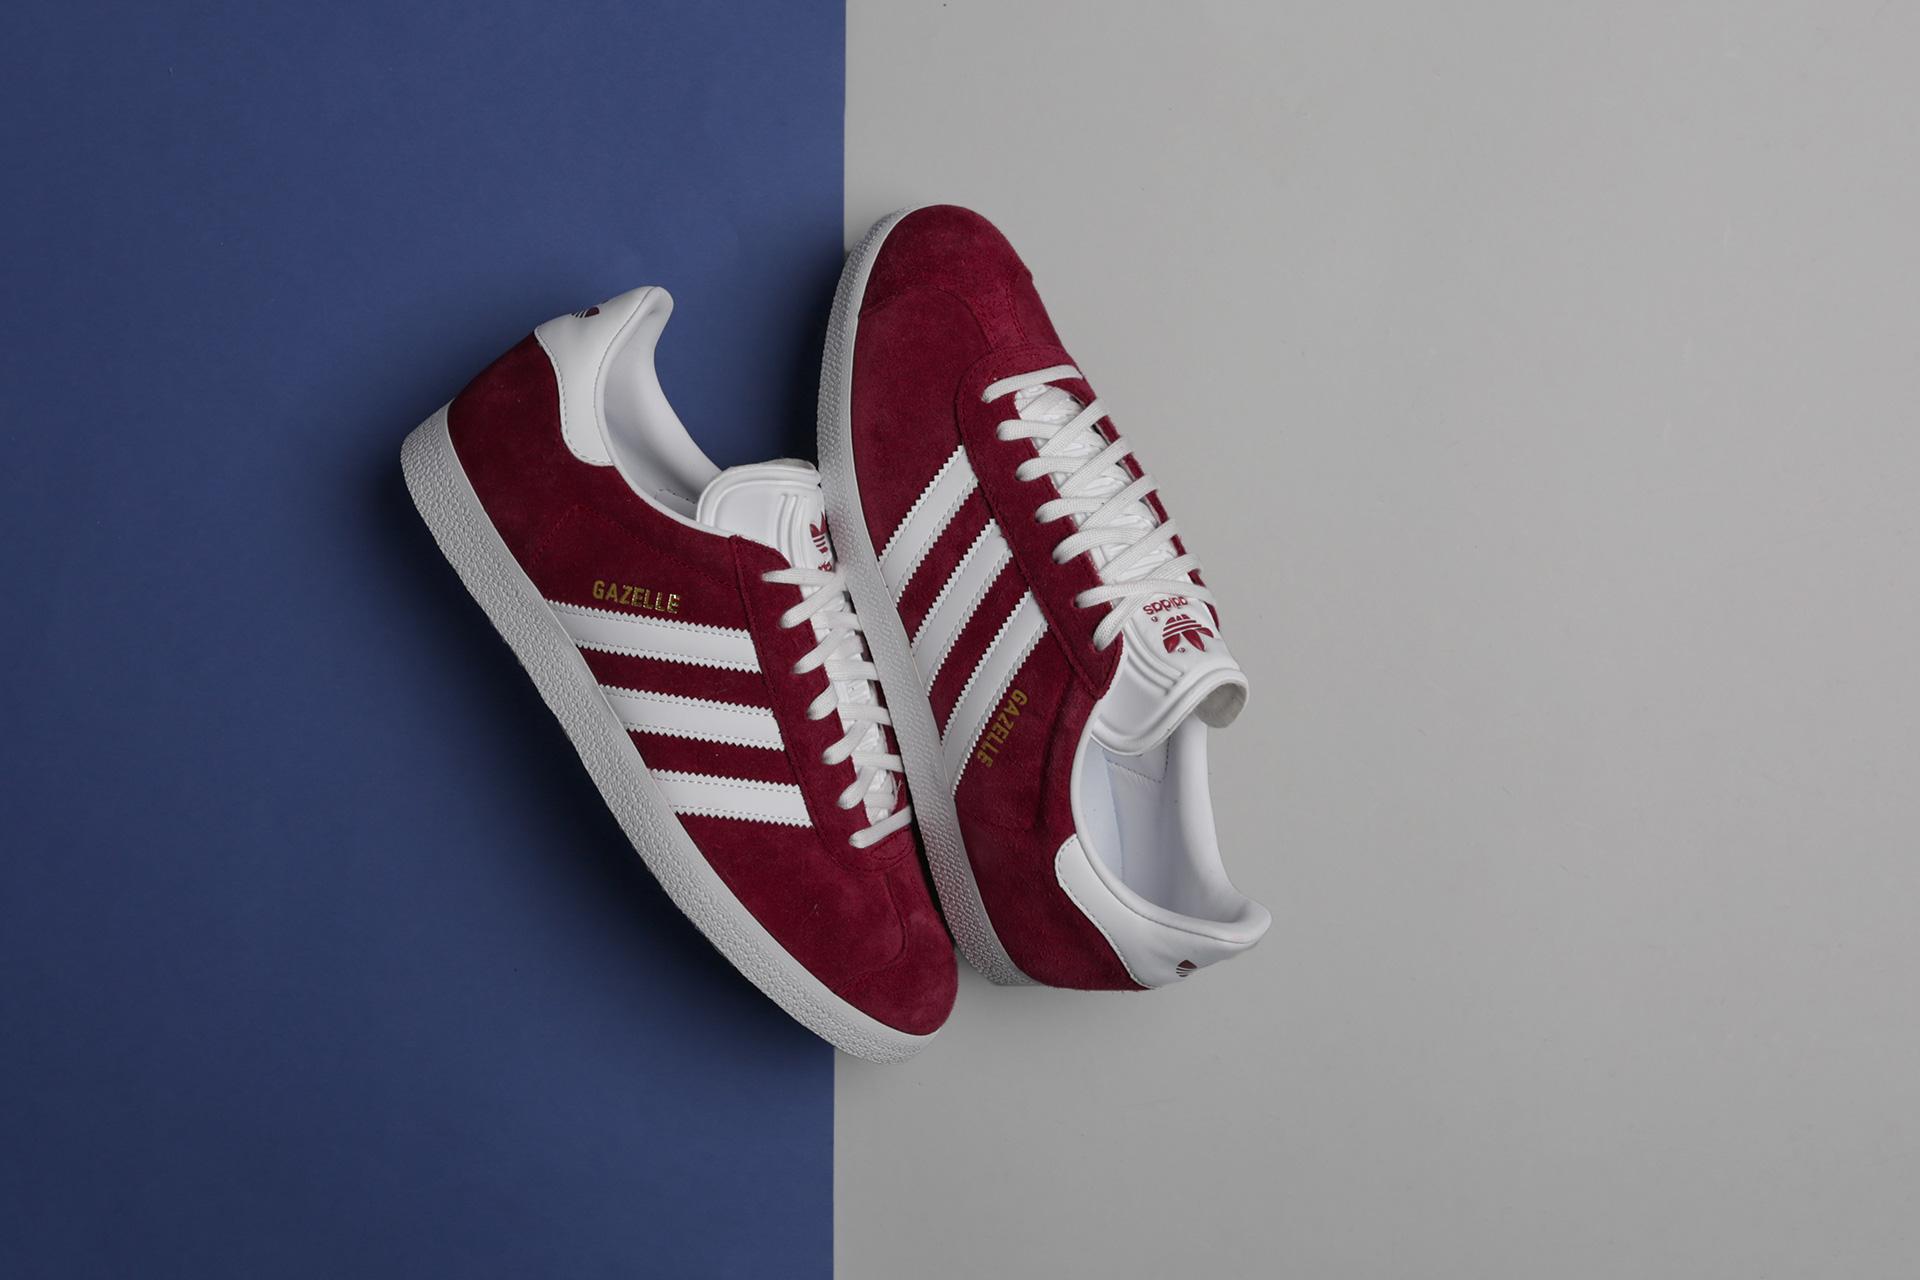 Купить бордовые мужские кроссовки Gazelle от adidas Originals ... 2b0d664b49b